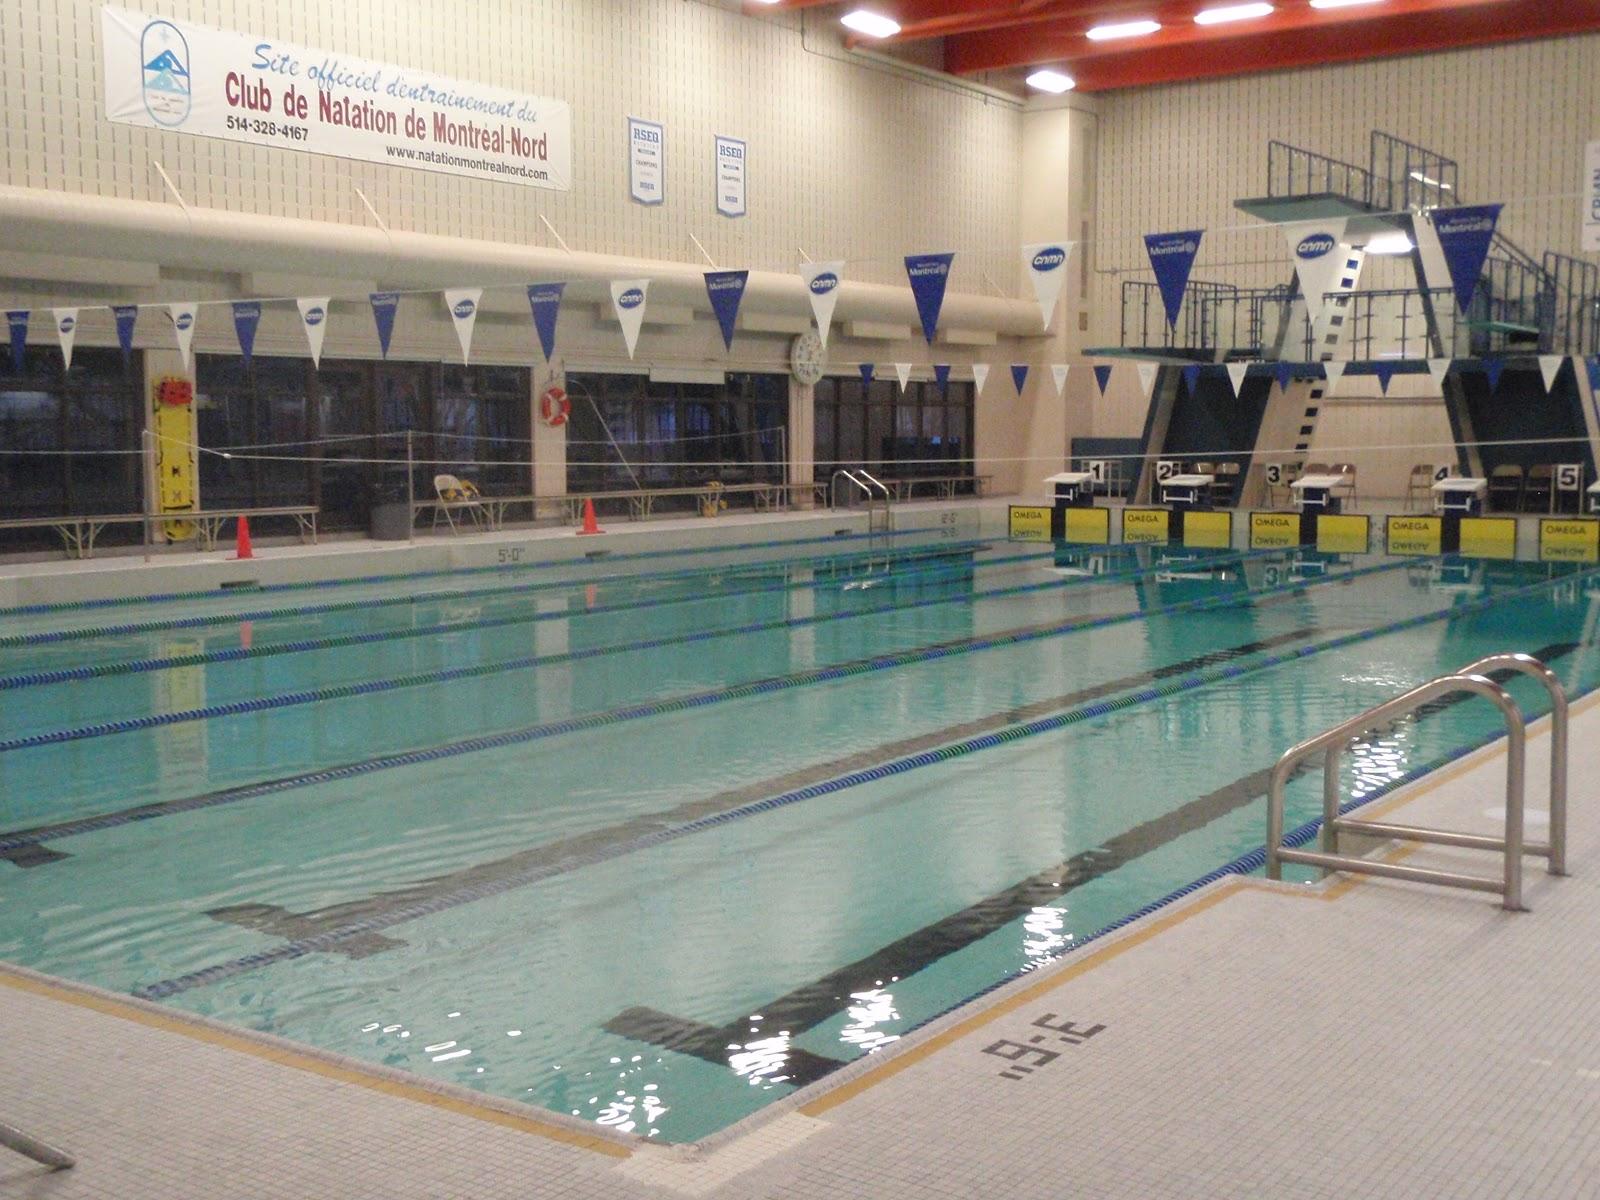 Piscine pour nager montreal id e inspirante for Wa conception piscine